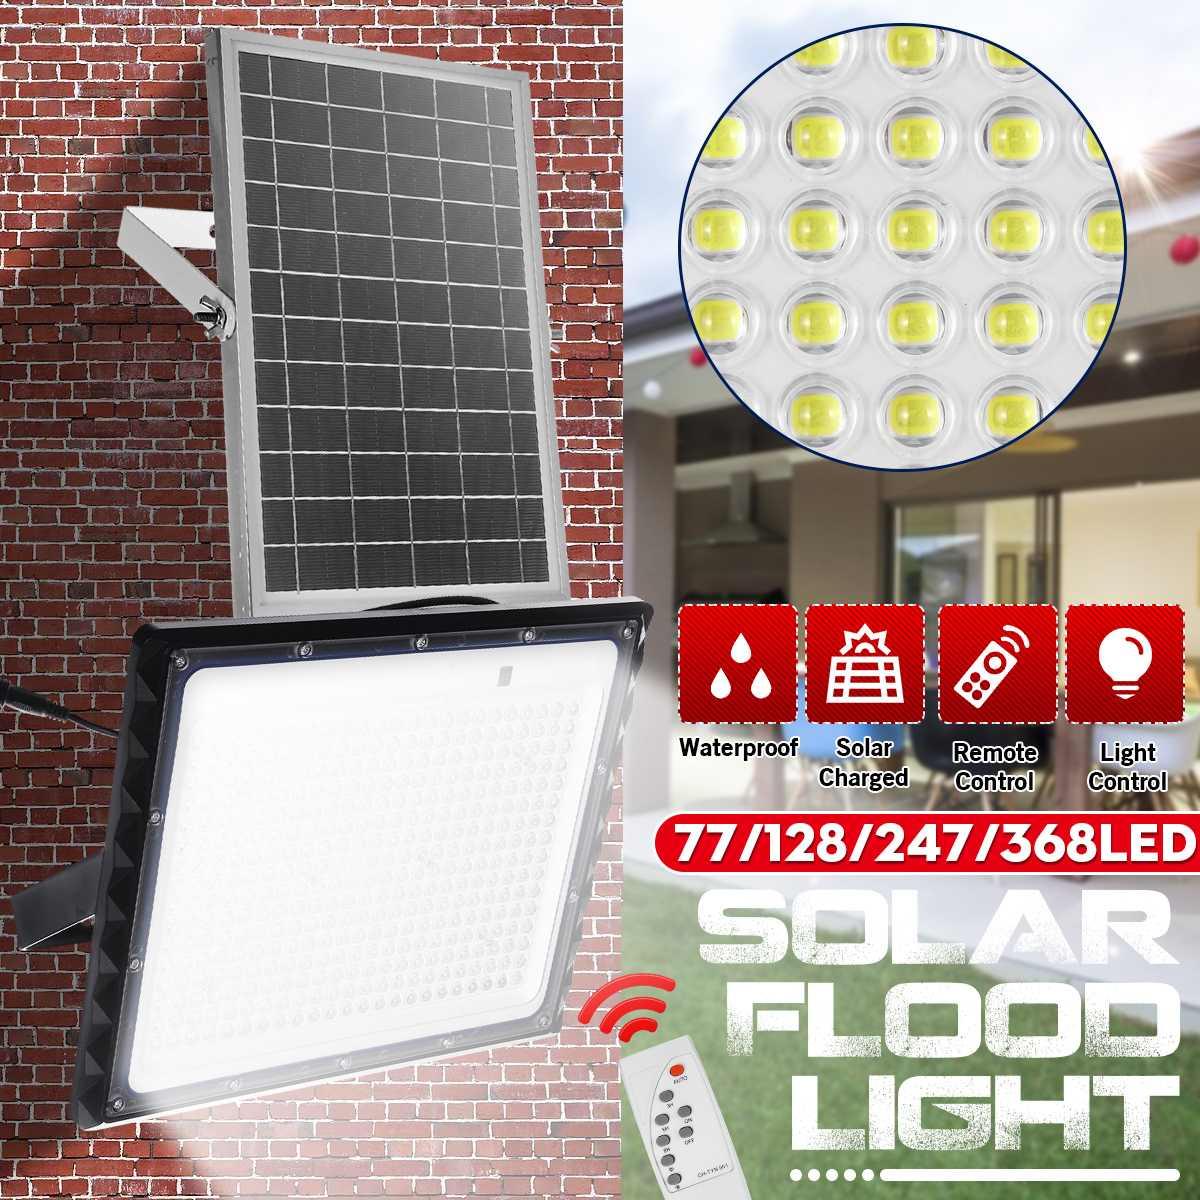 مصباح كشاف LED بالطاقة الشمسية مع عدسة ، مصباح حائط خارجي ، IP65 مقاوم للماء ، إضاءة المناظر الطبيعية ، مع جهاز تحكم عن بعد ، 100 واط 150 واط 300 واط 400 ...